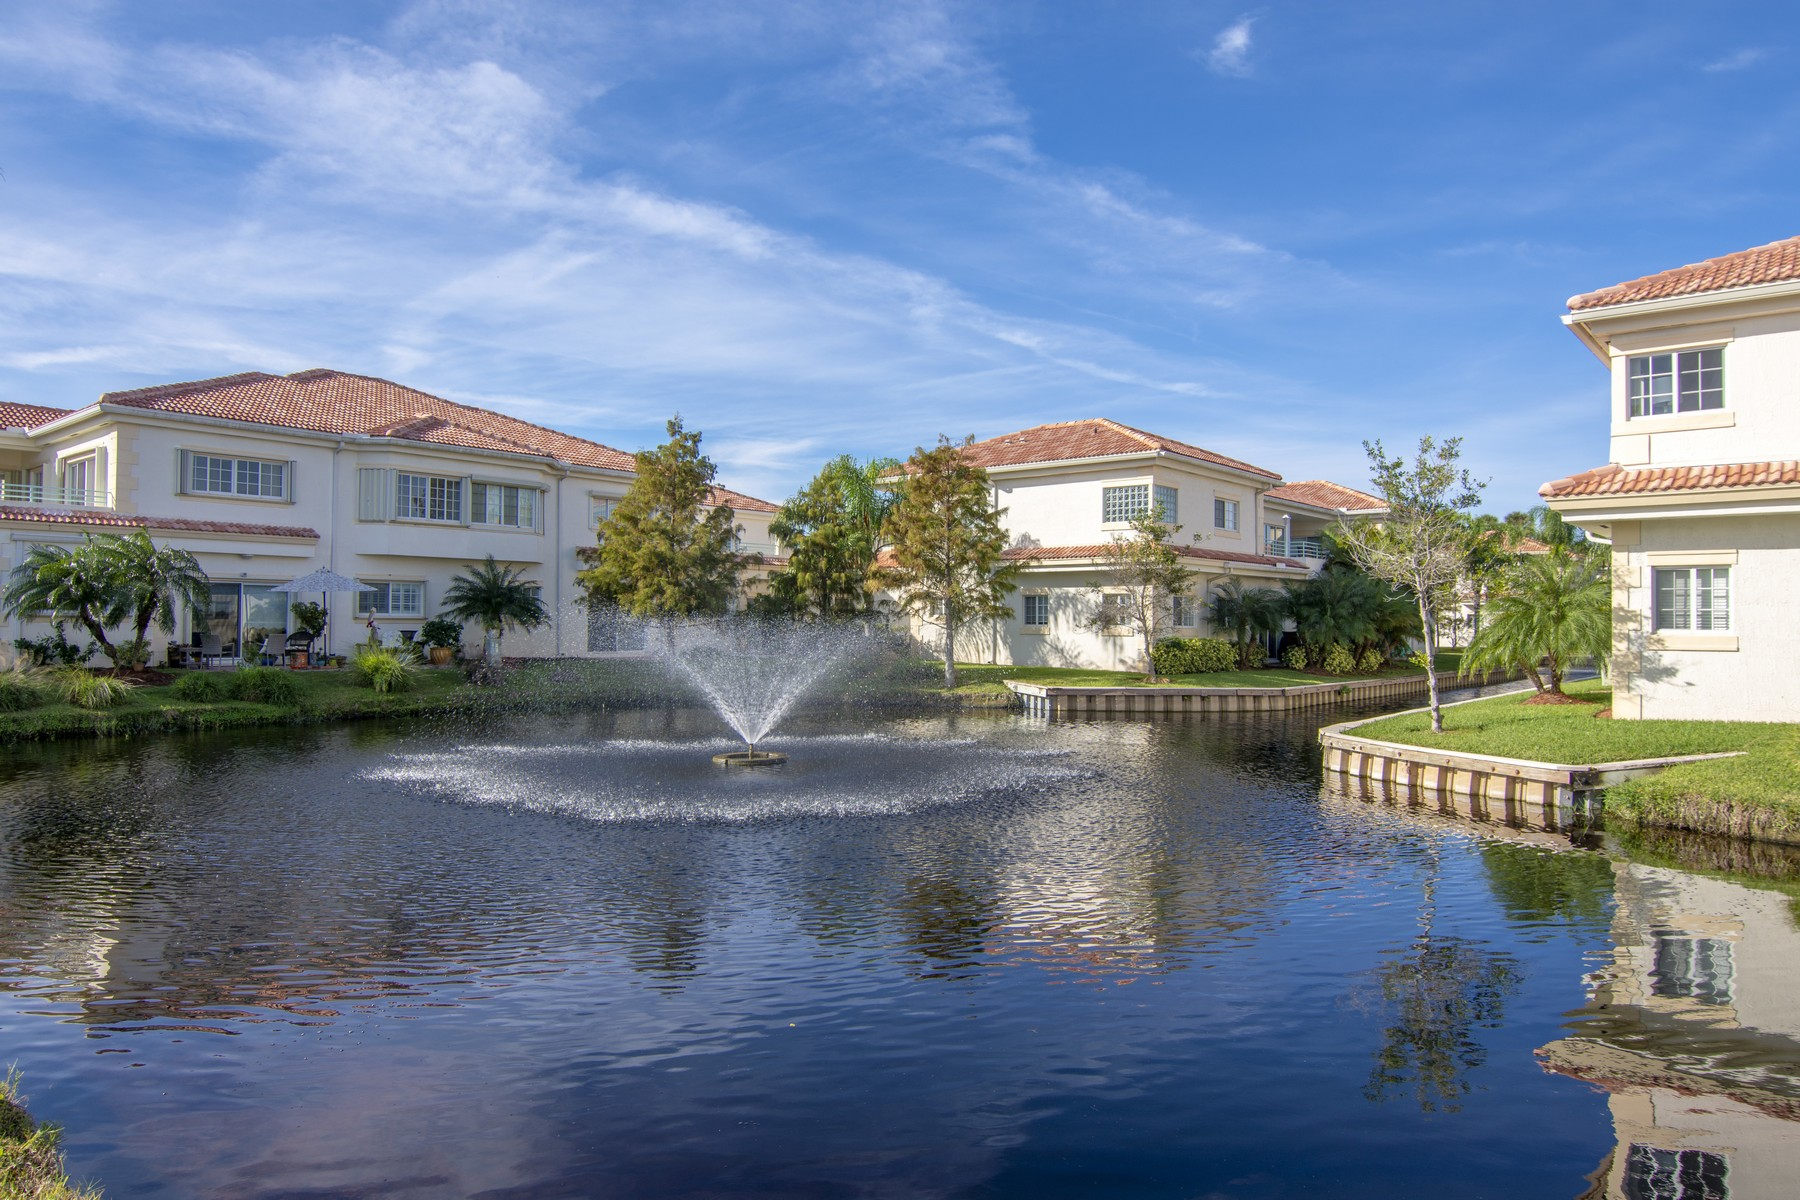 共管式独立产权公寓 为 销售 在 PET FRIENDLY 1st FLOOR CONDO WITH GARAGE 524 7th Square #101A 维罗海滩, 佛罗里达州 32962 美国